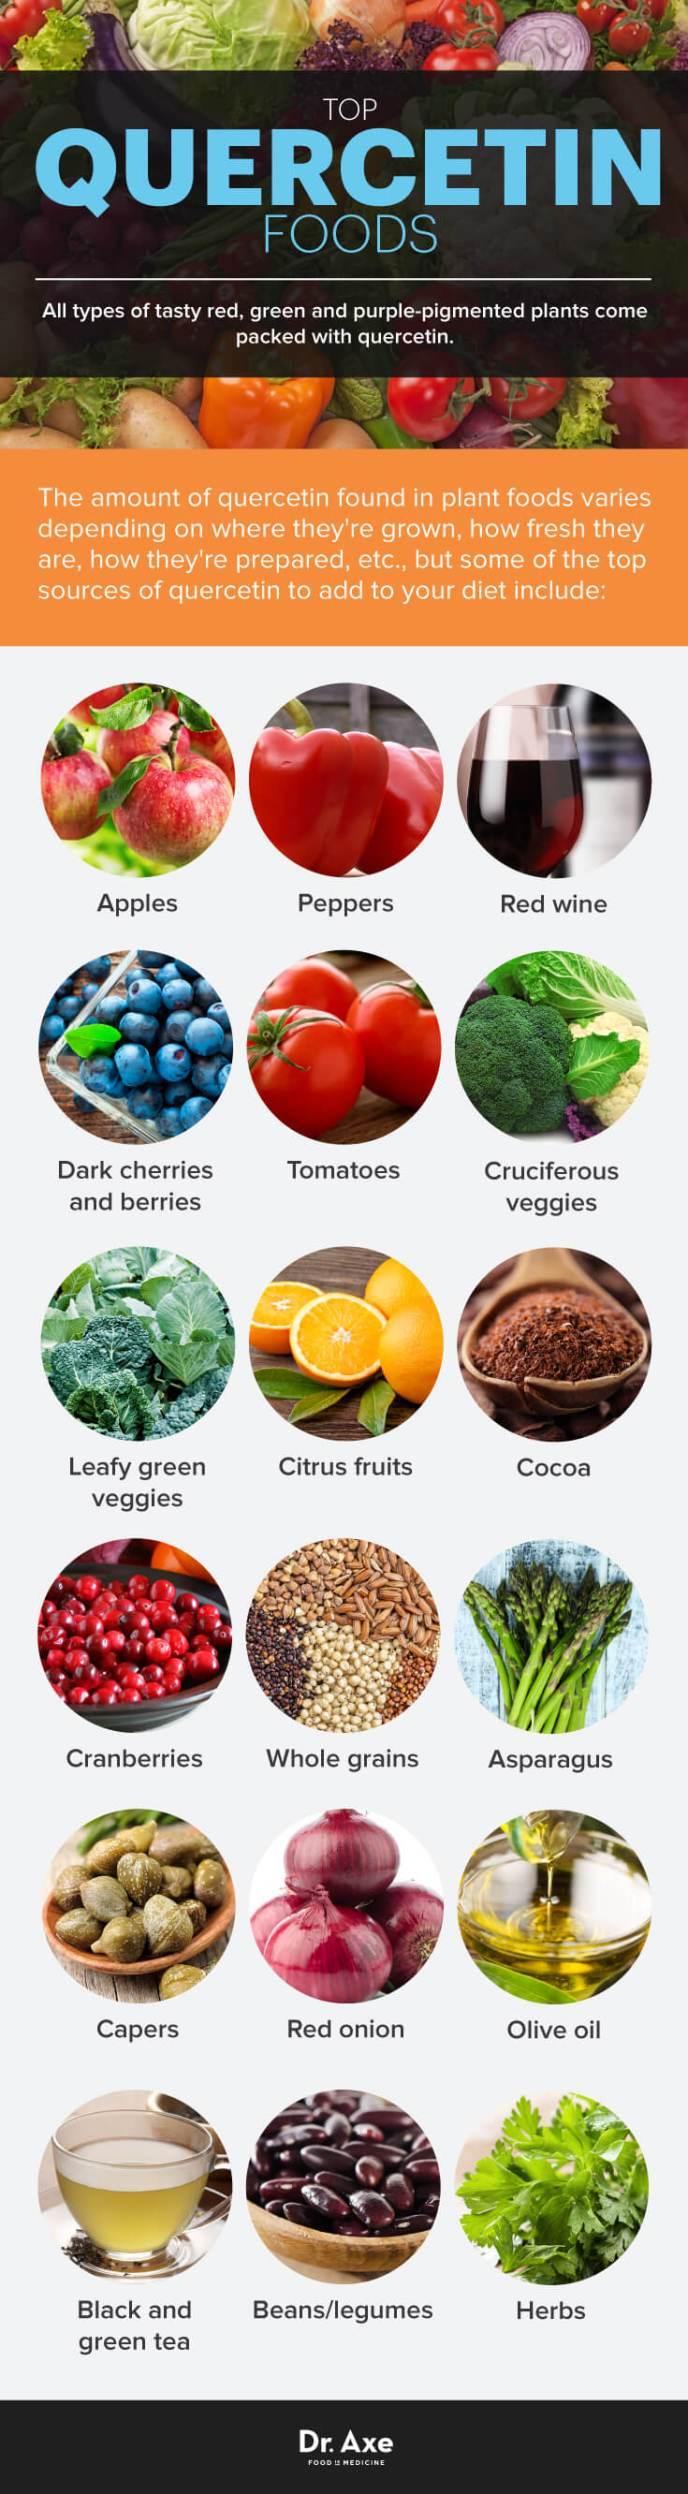 Quercetin foods - Dr. Axe